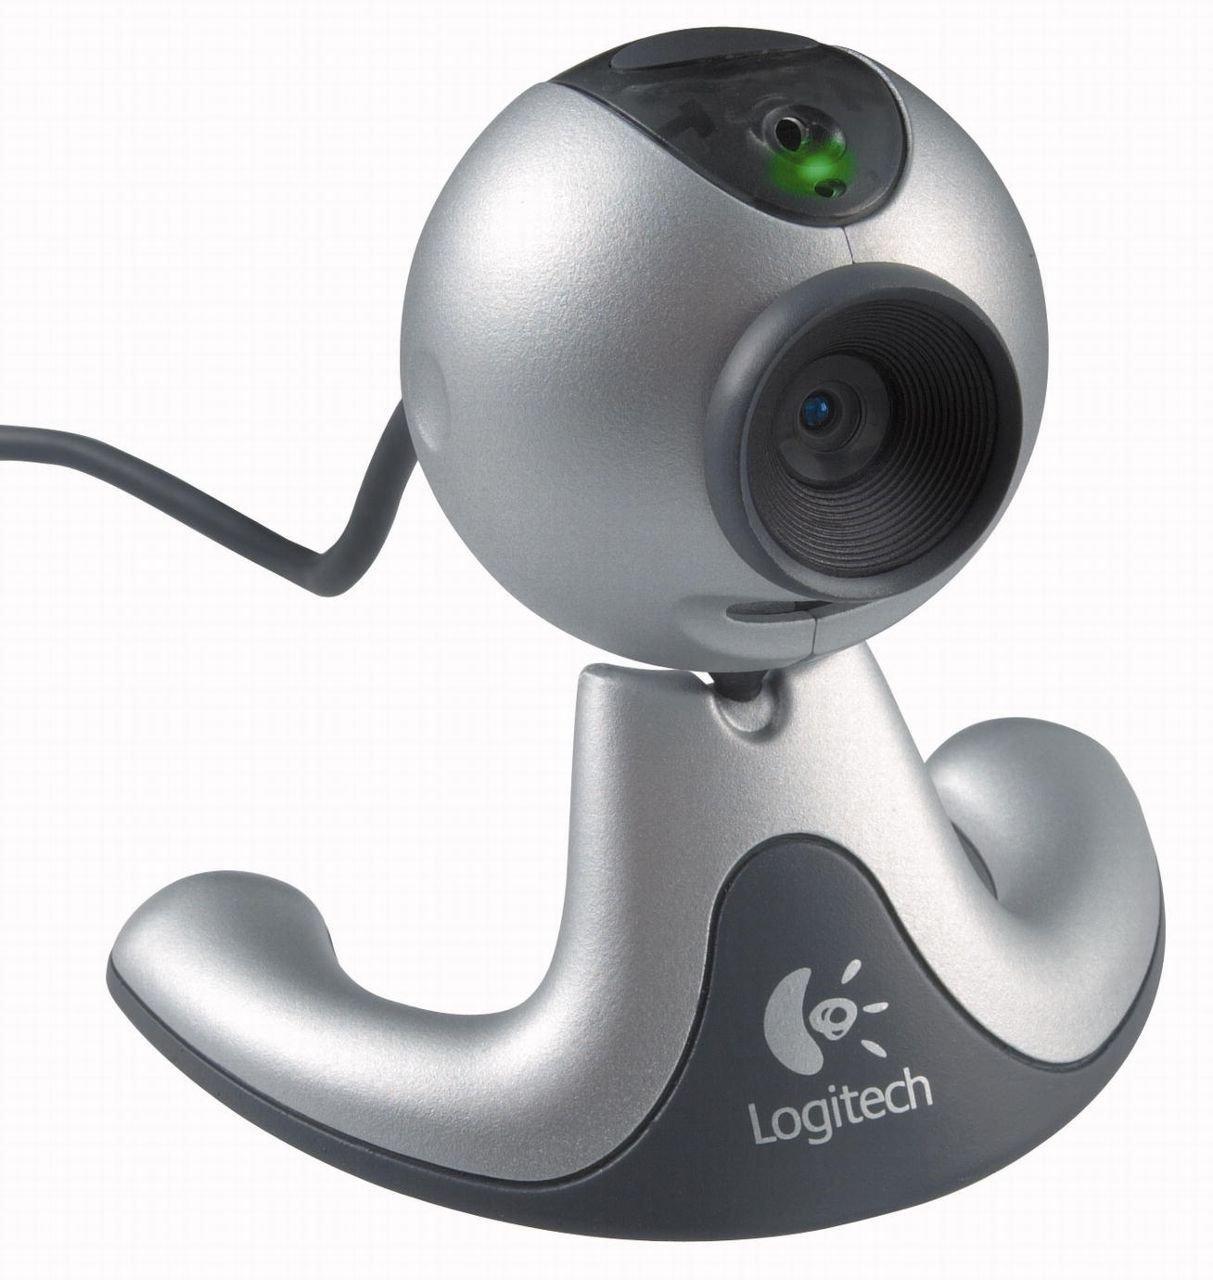 Logitech quickcam 3000 скачать драйвер